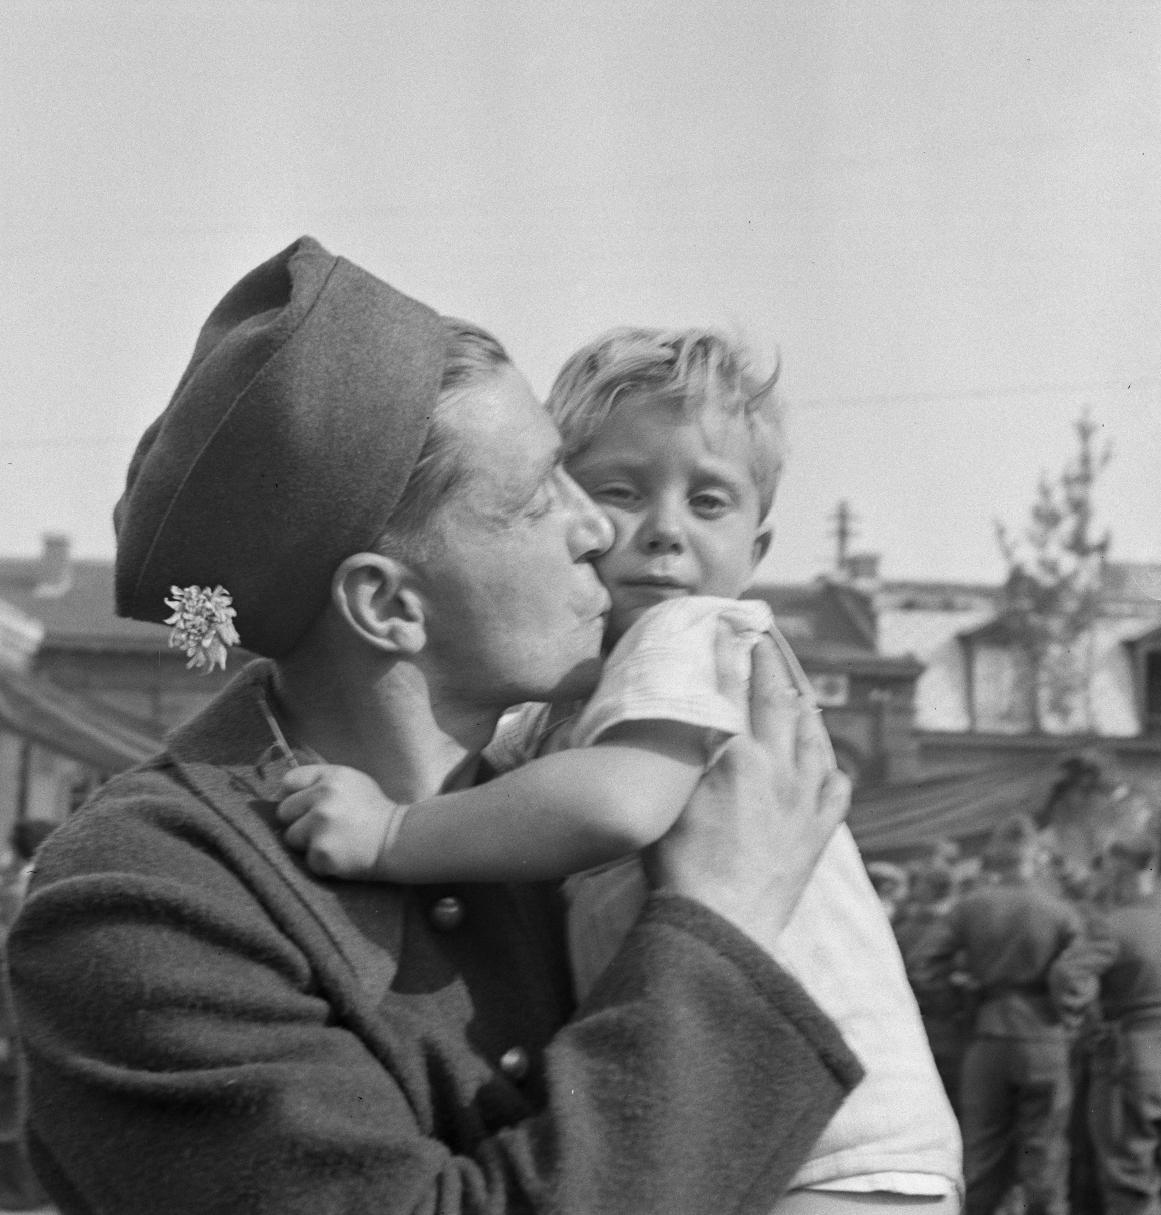 35. Маленькая девочка, у которой британцы убили мать в Дьеппе, с Жаком Чарру